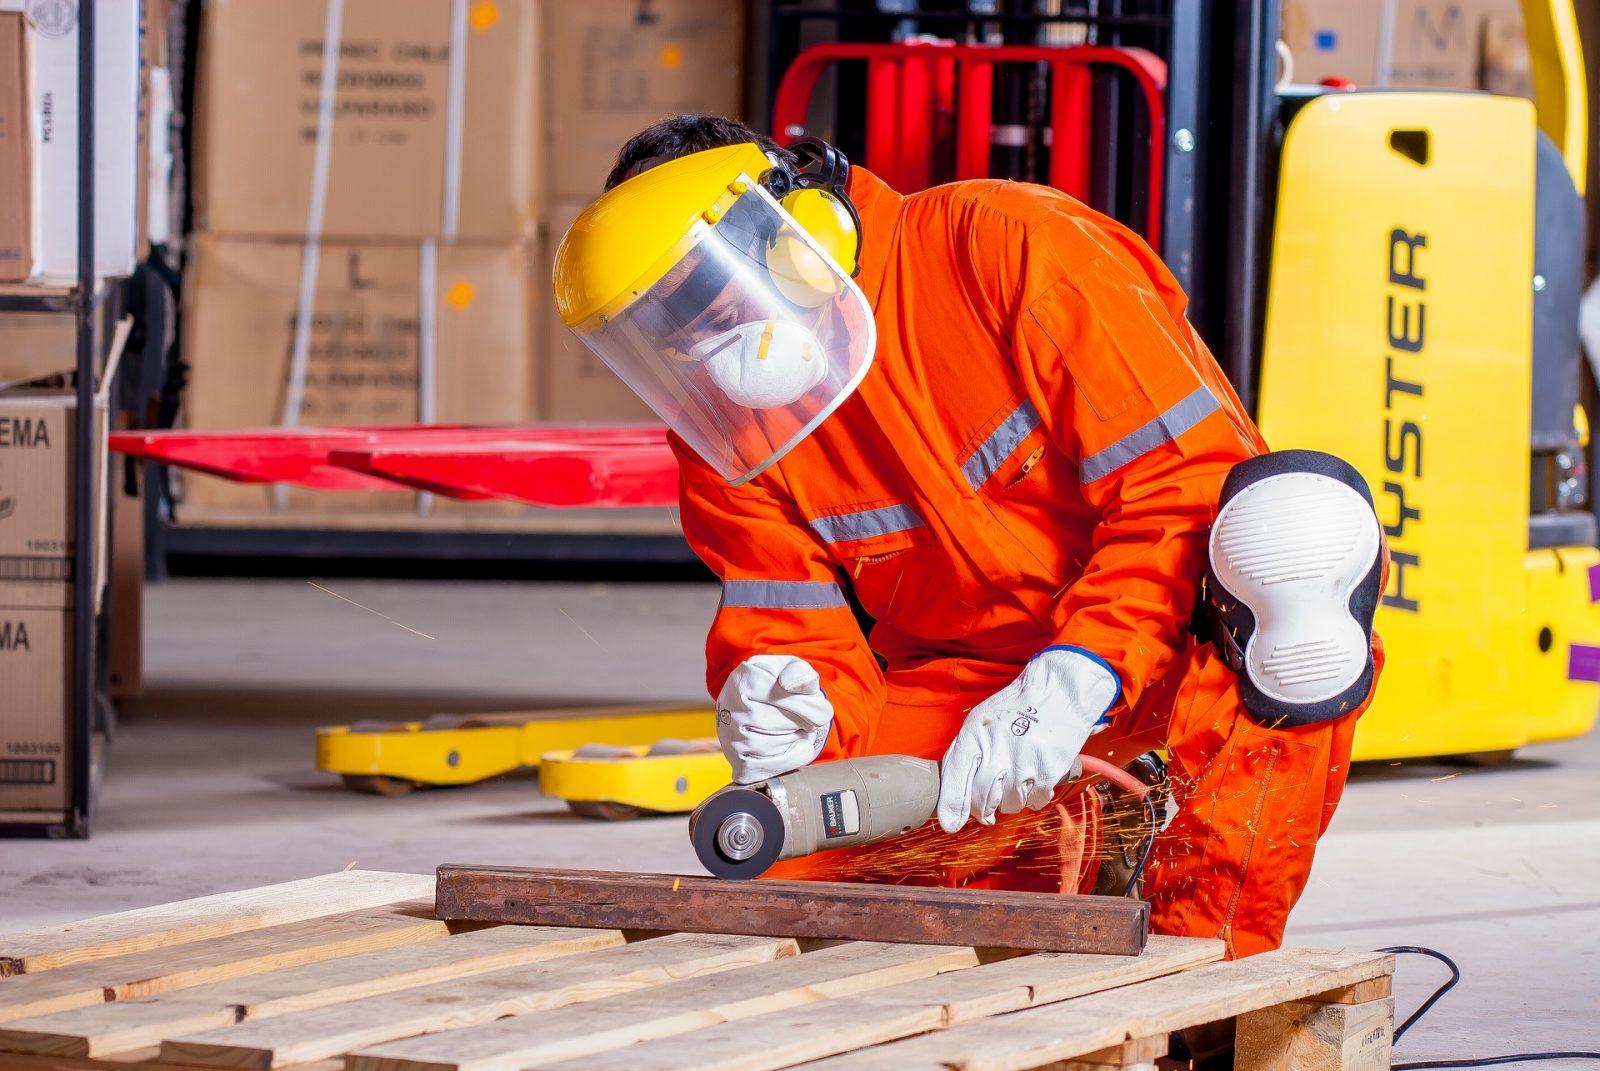 בטיחות בזמן עבודה - על מה חשוב להקפיד